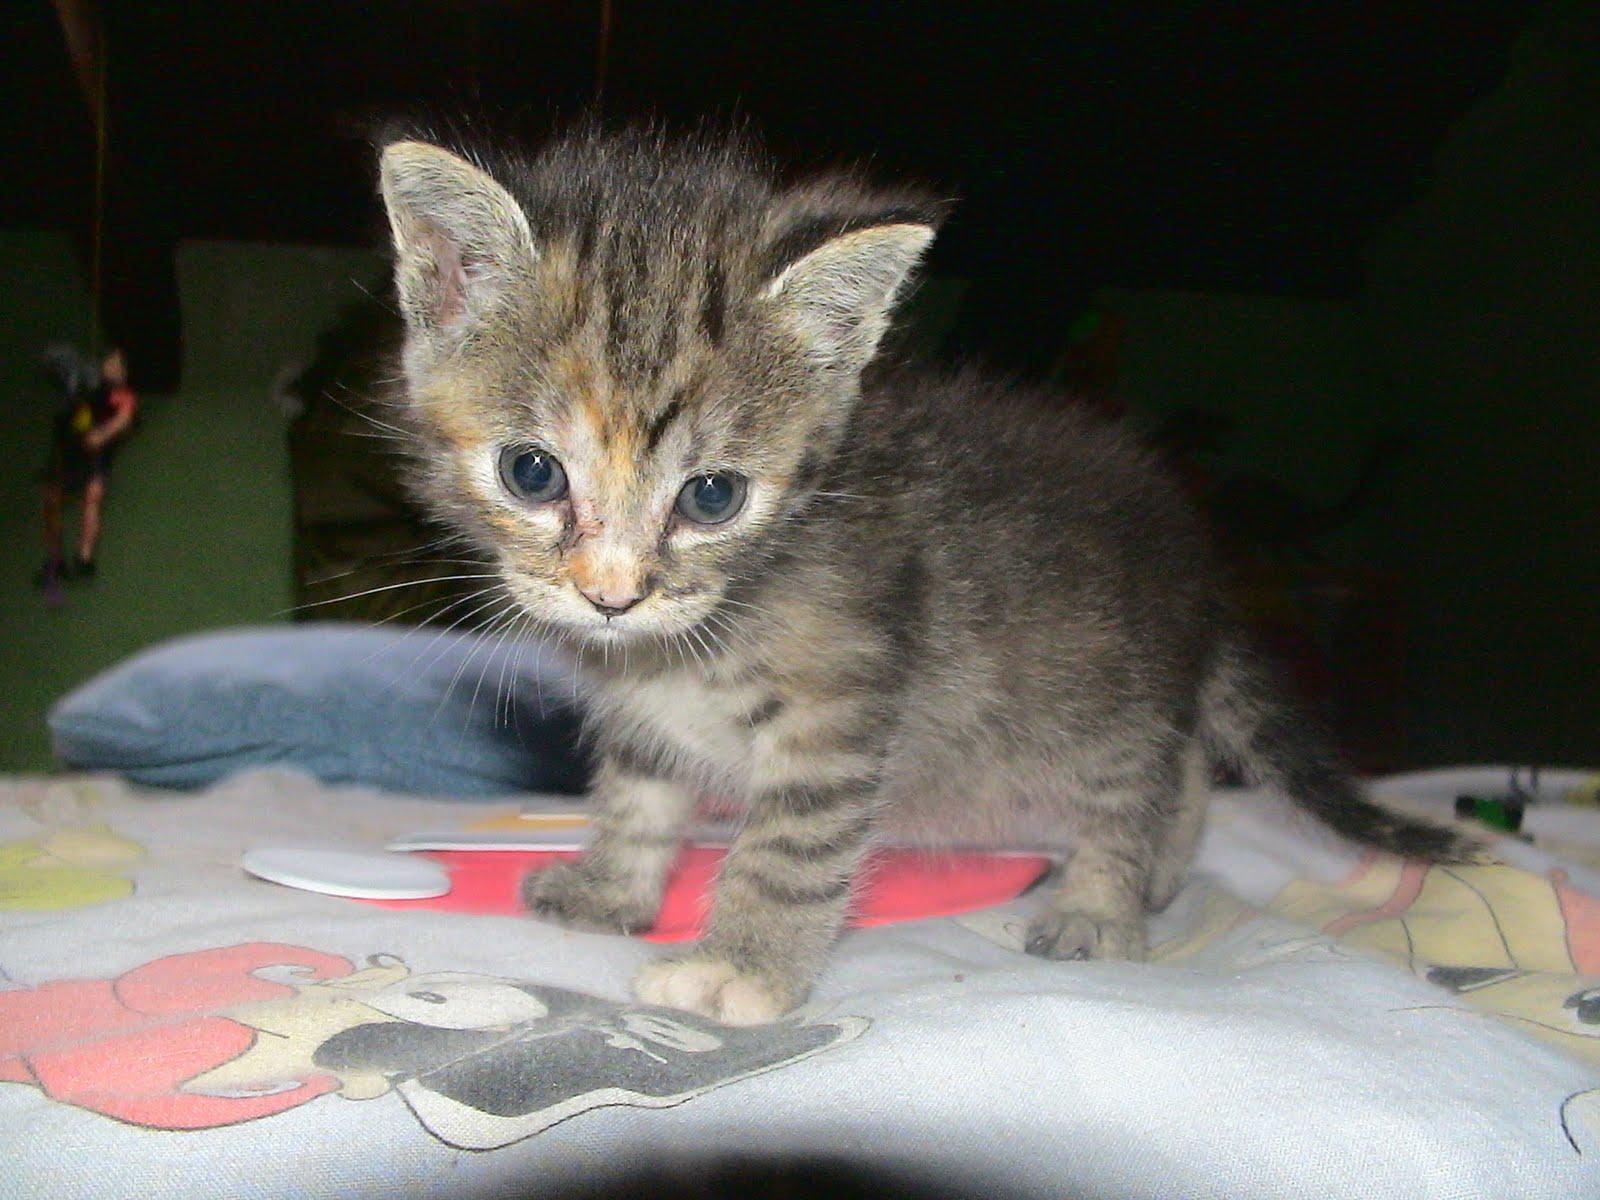 Han matado a una madre y sus gatitos mediavida - Gatitos de un mes ...